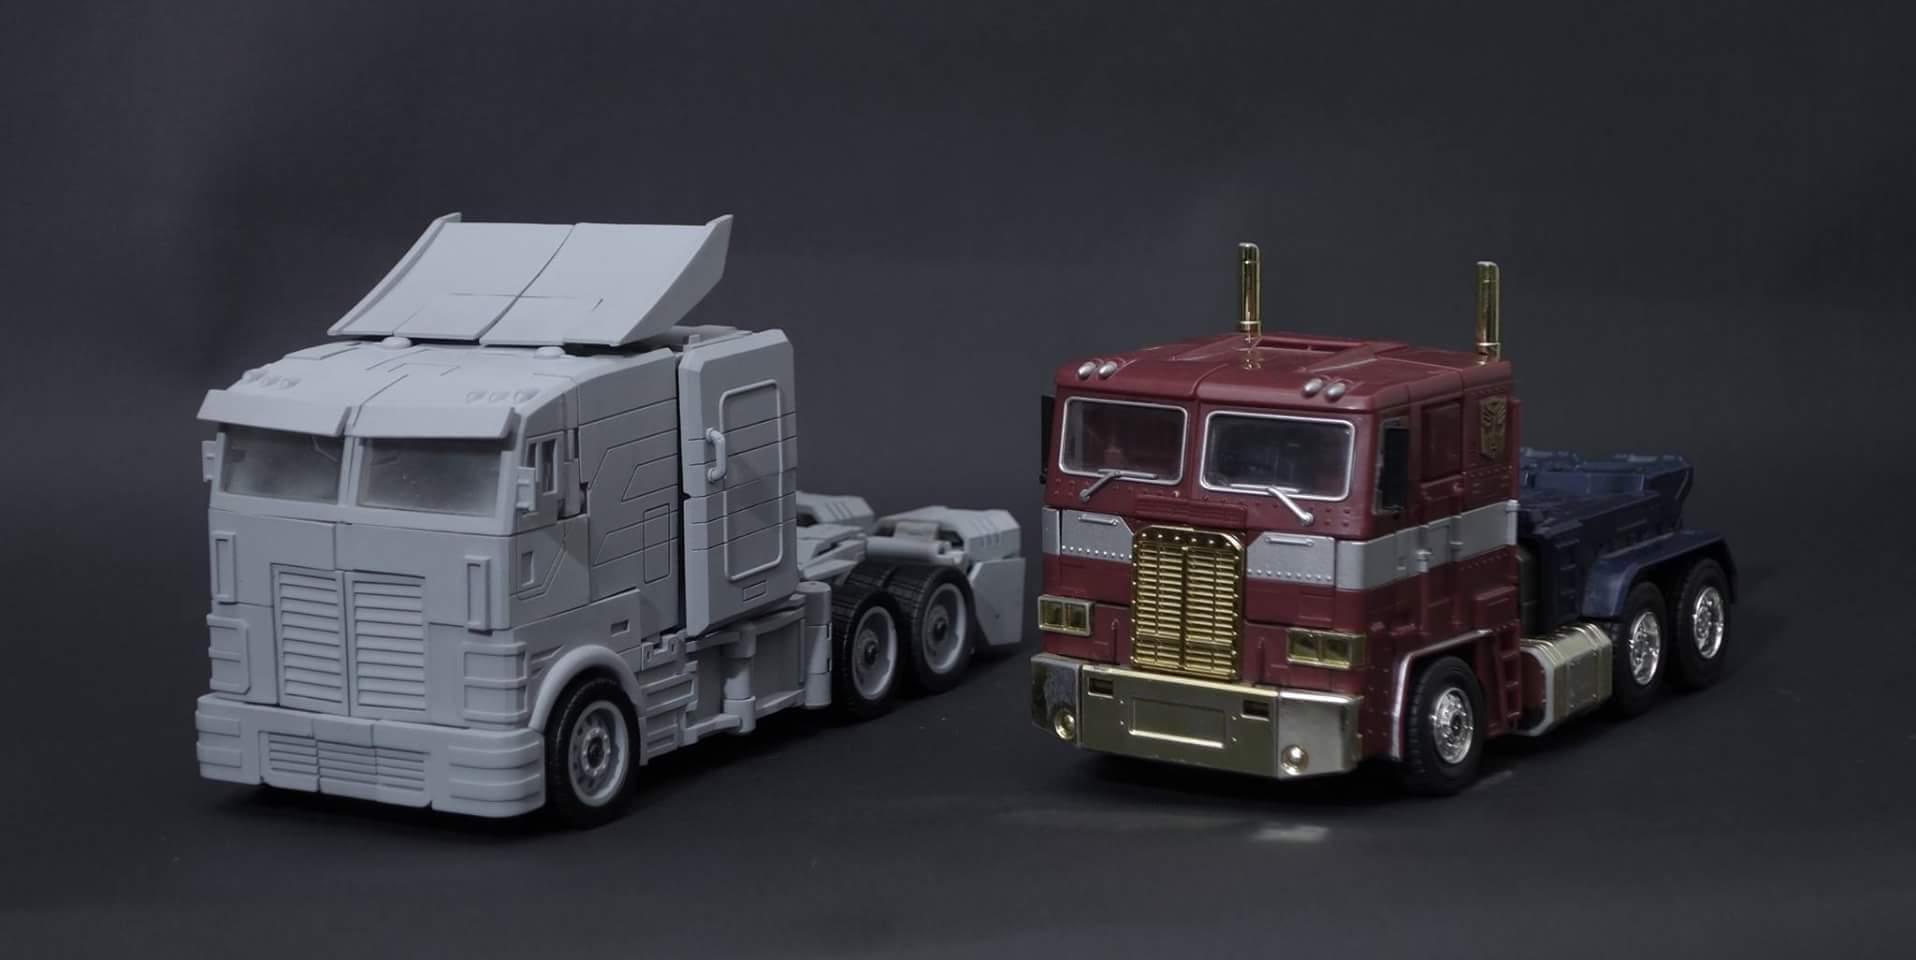 [Generation Toy] Produit Tiers - Jouets TF de la Gamme GT - des BD TF d'IDW - Page 3 G4m21JUe